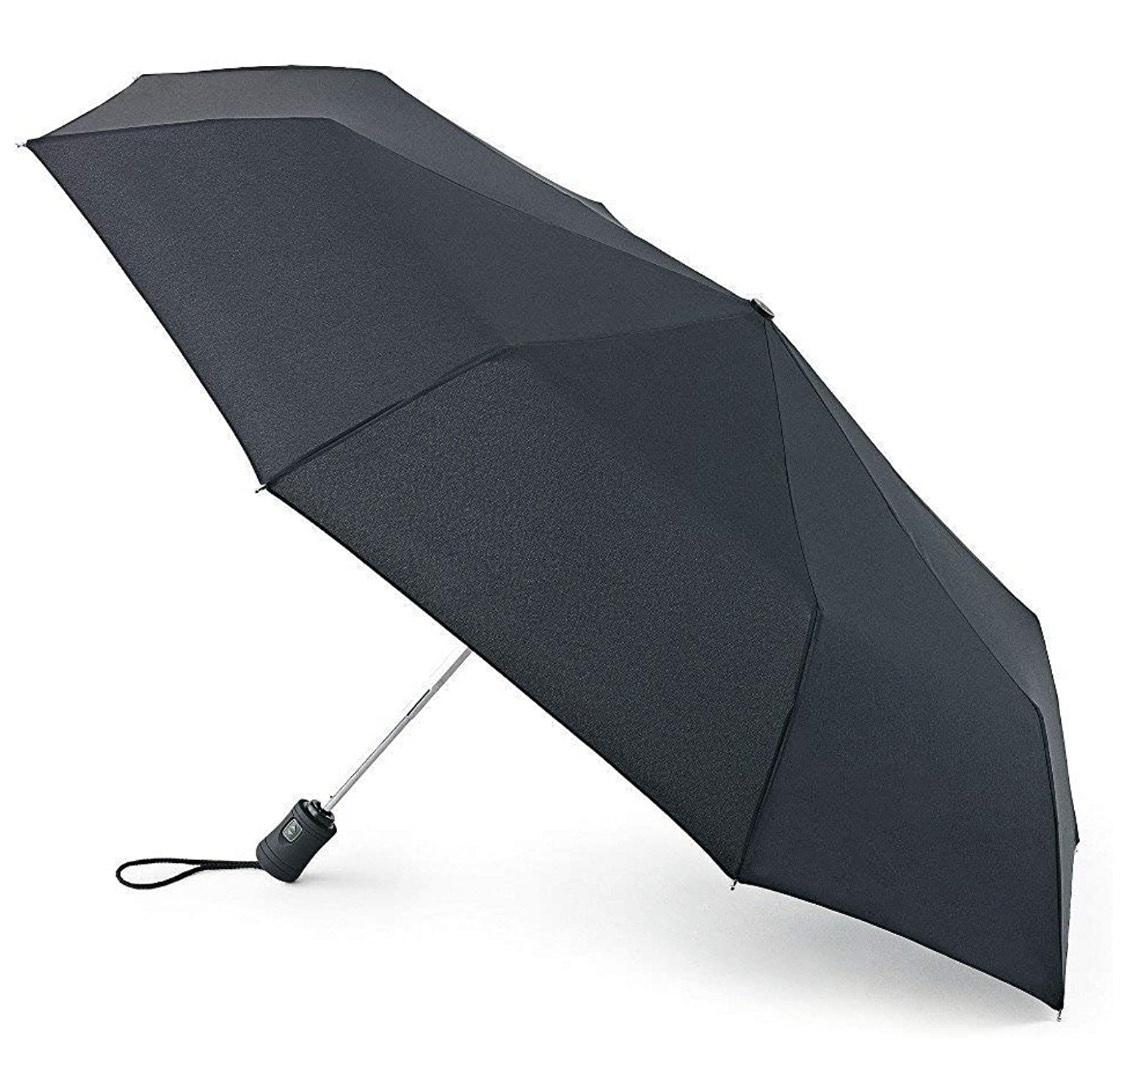 Fulton Open & Close 3 Umbrella Black £9.89 Prime at Amazon (+£4.49 non Prime)